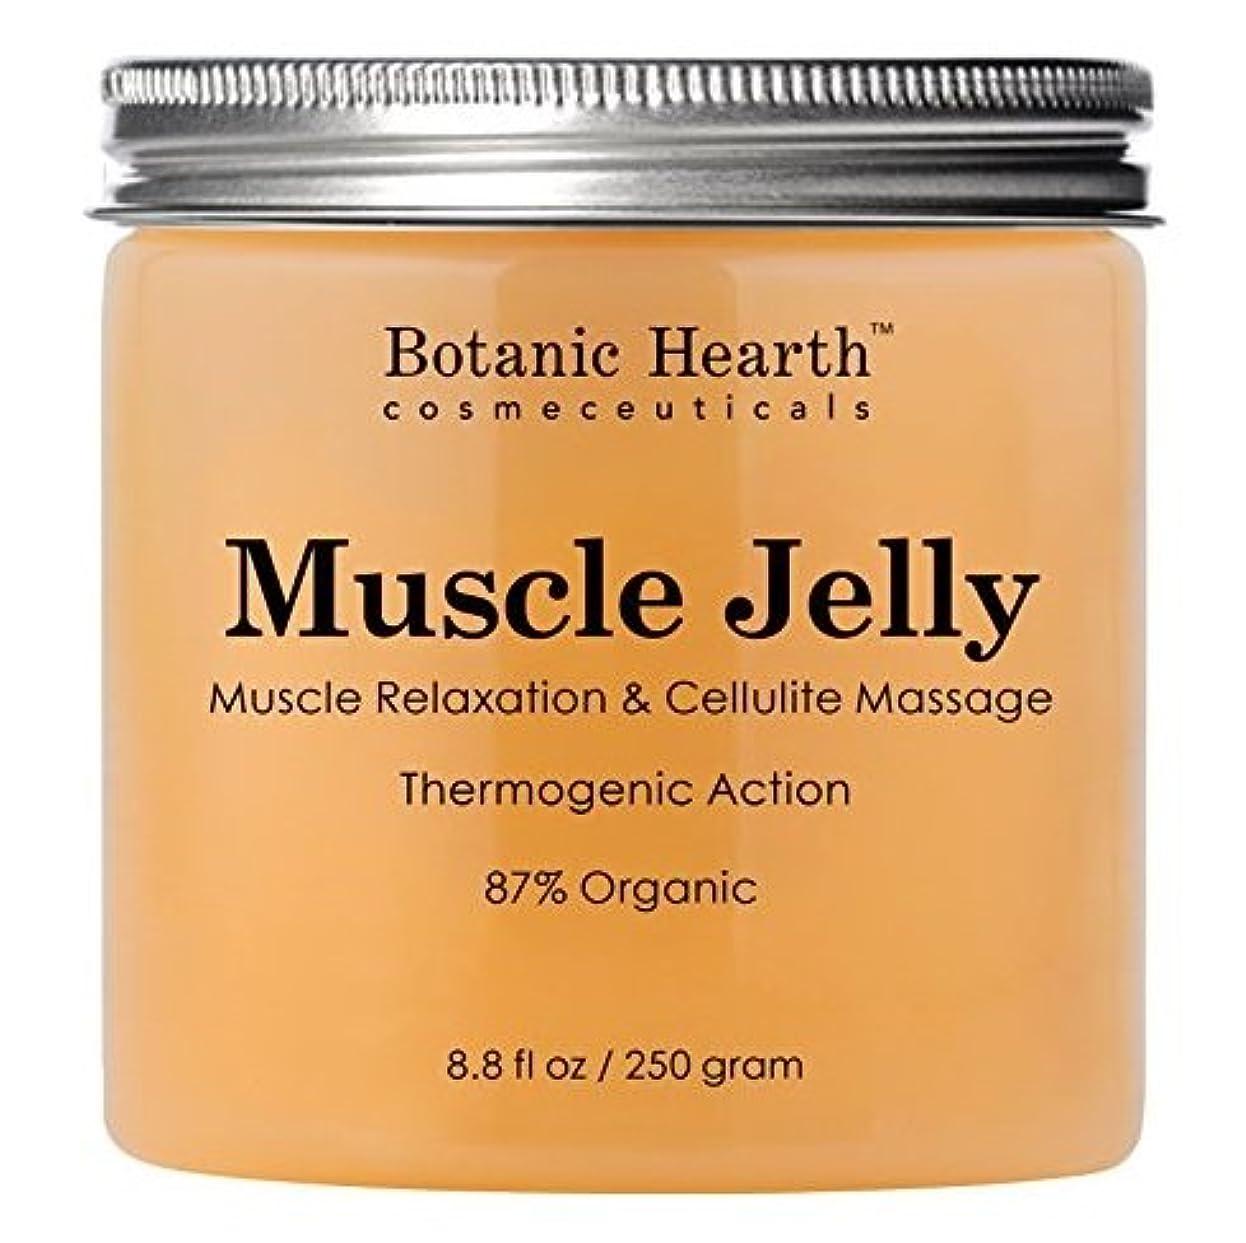 位置づける専ら好む【2個】【海外直送品】Botanic Hearth Muscle Jelly Hot Cream 8.8 fl. oz.x2個セット